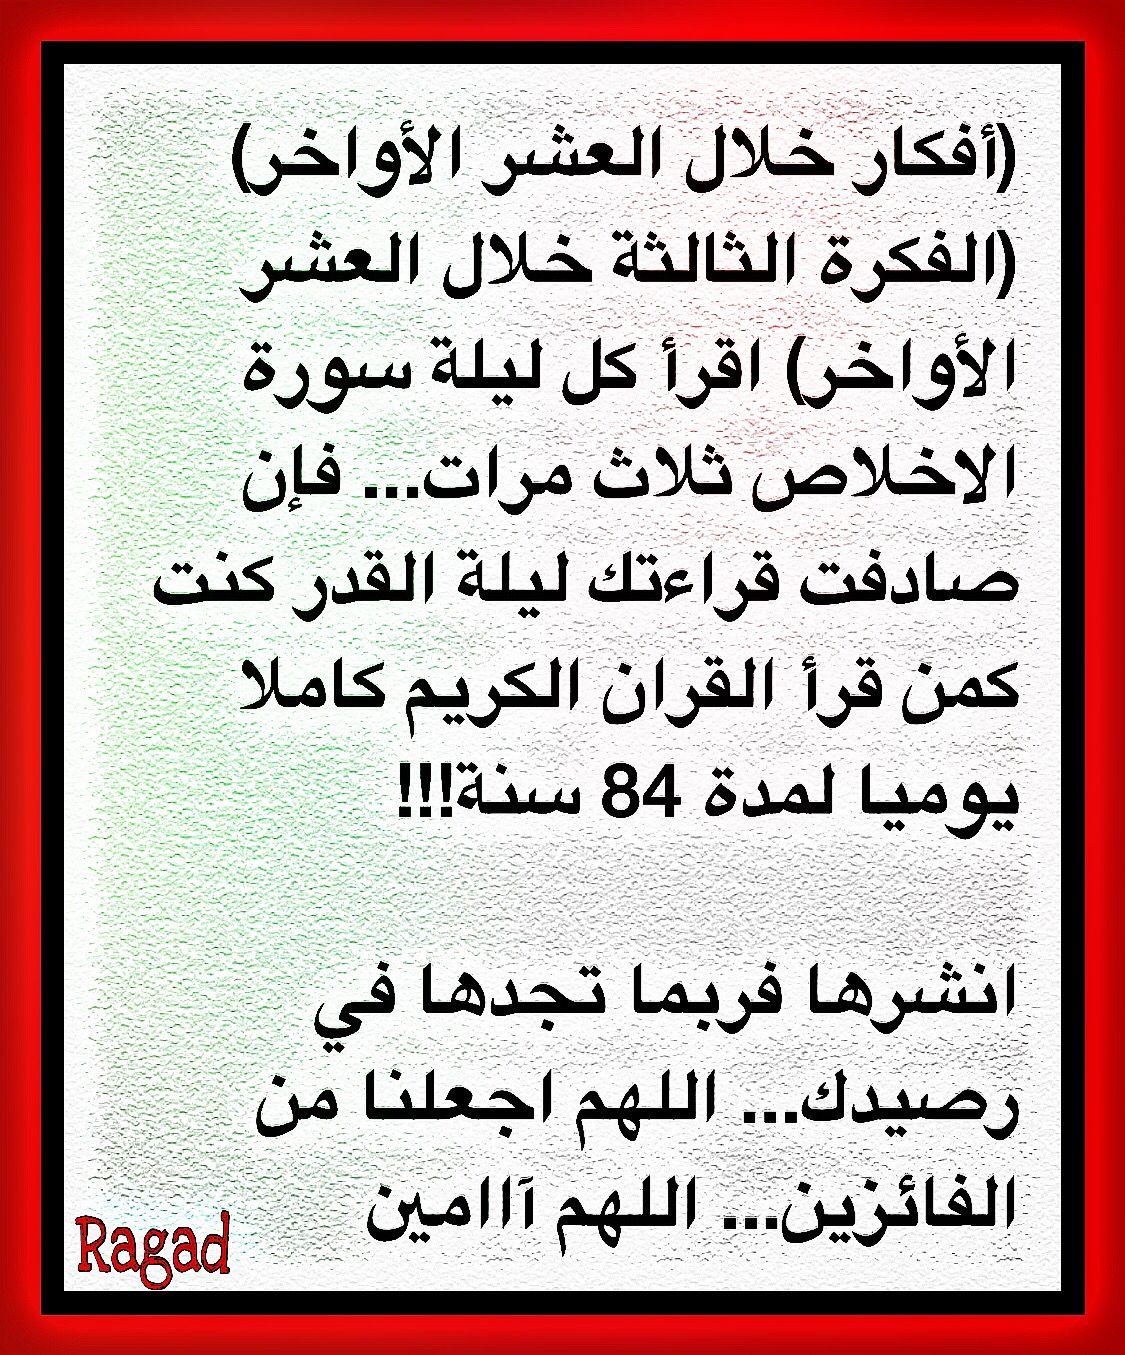 Desertrose العشر الأواخر من رمضان Islamic Quotes Quotes Words